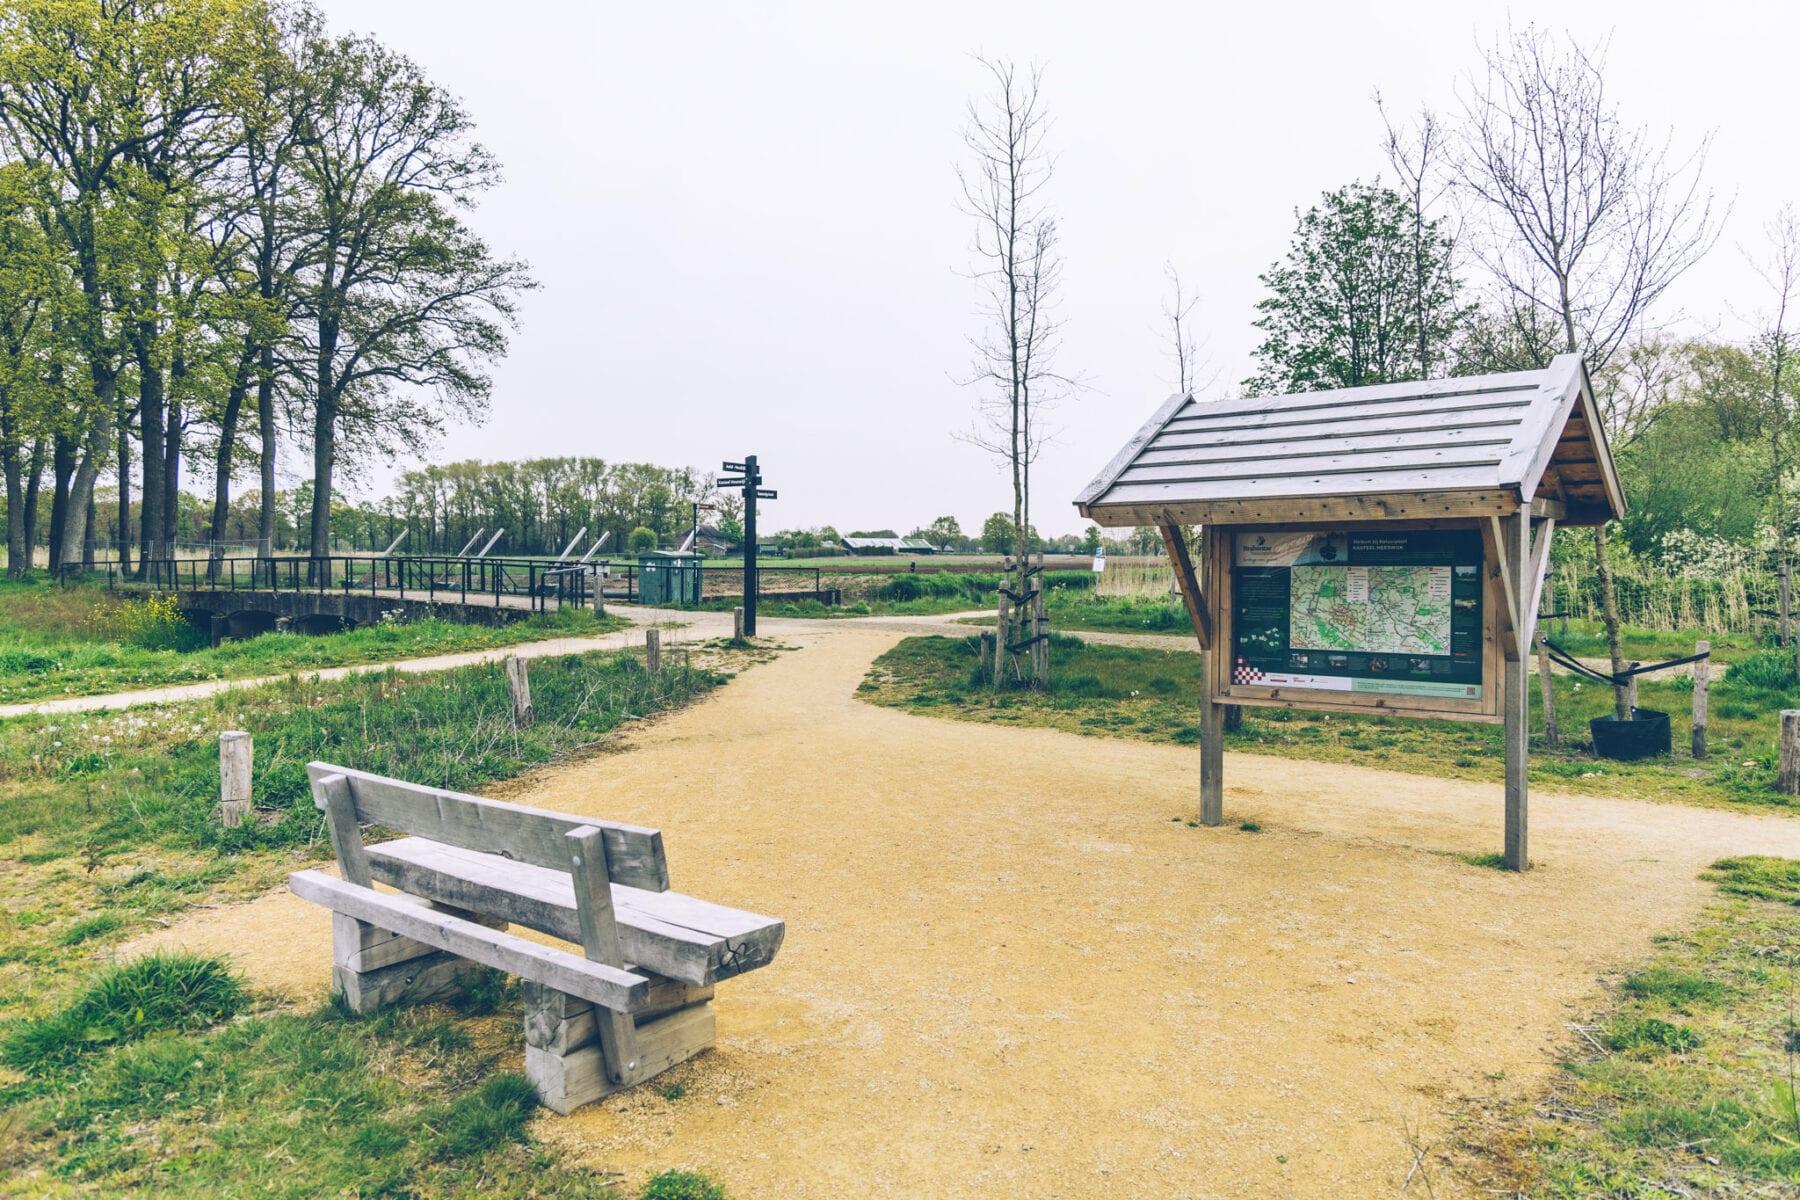 Landgoederen Brabant Landgoed Kasteel Heeswijk natuurpoort